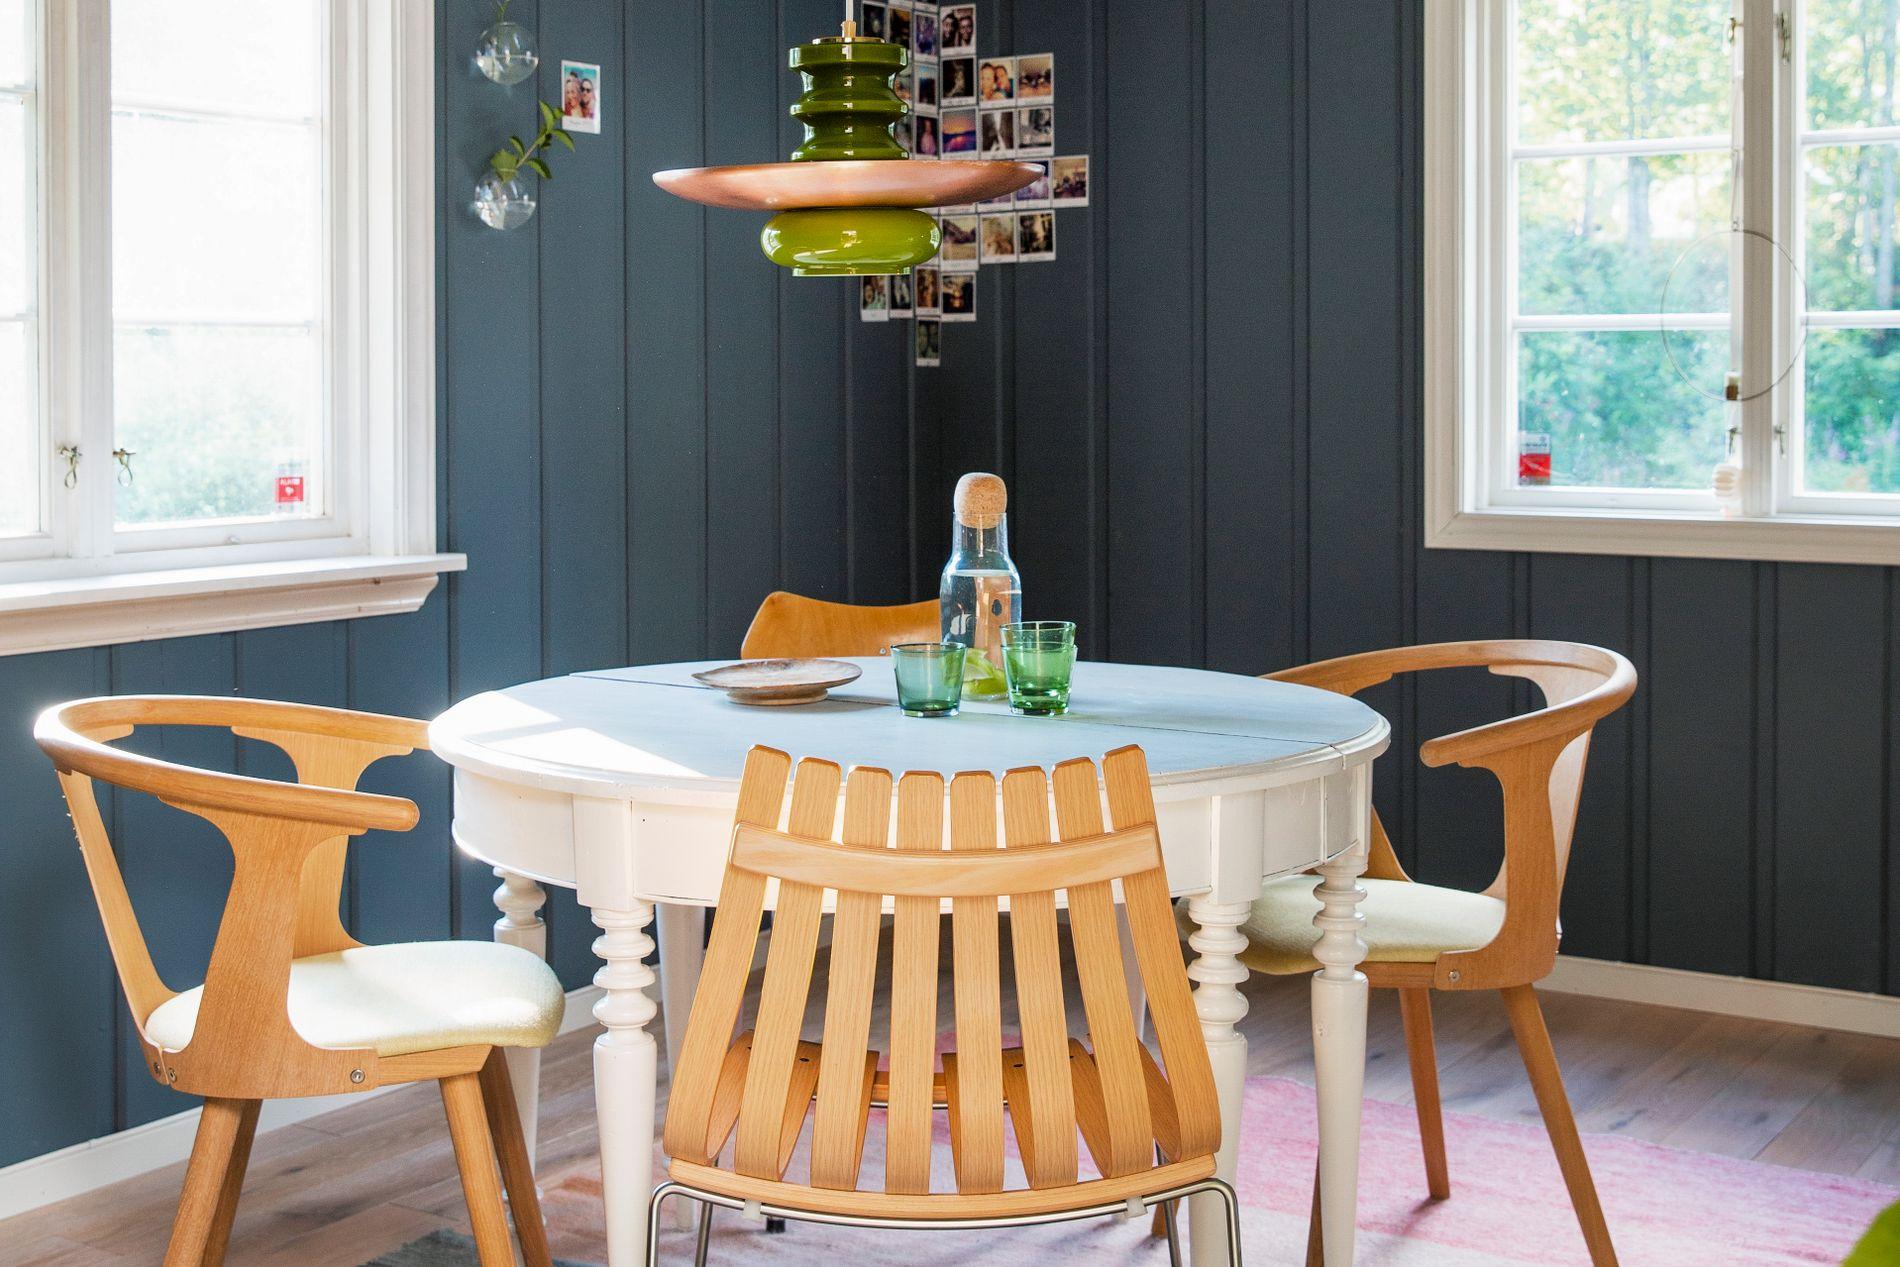 I den kombinerte spisestua og hobbyrommet er det en blanding av brukte og nye møbler. Taklampa og bordet er bruktkupp, mens stolene er nye.